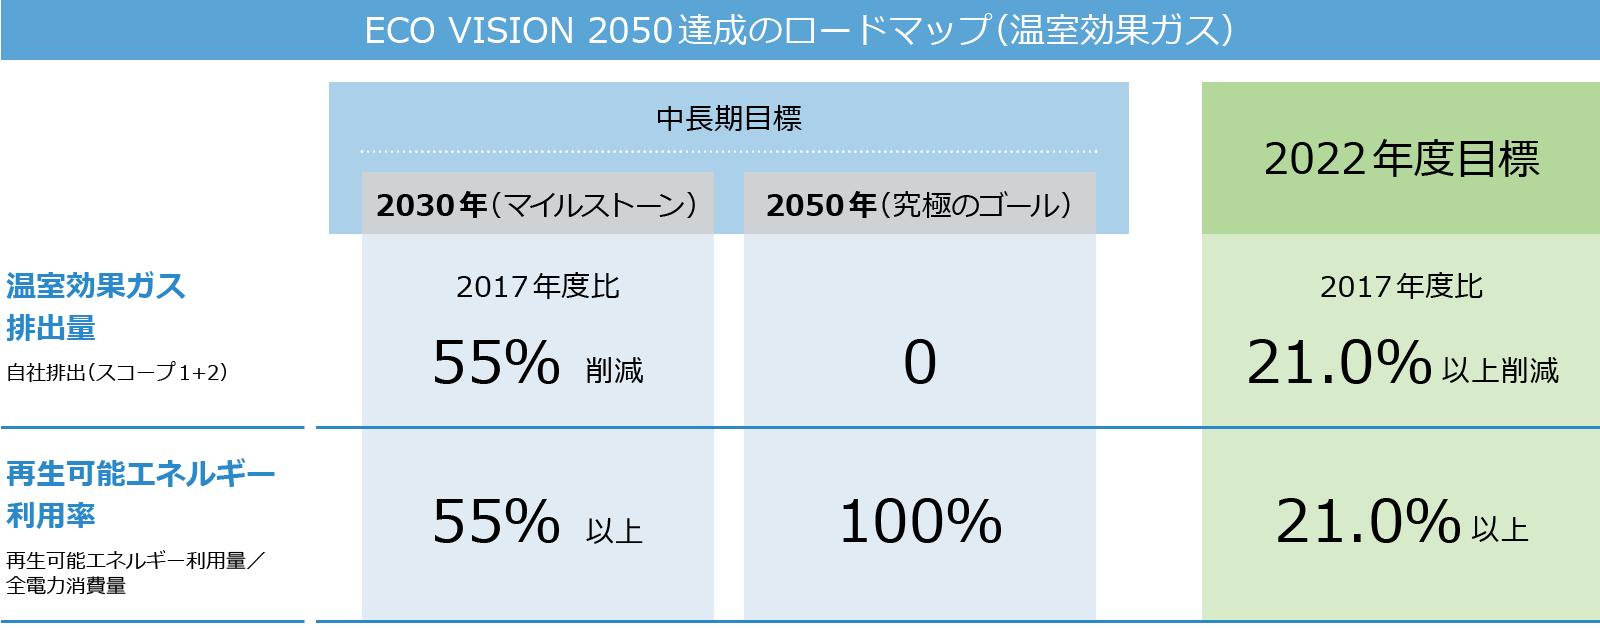 ECO VISION 2050達成のロードマップ